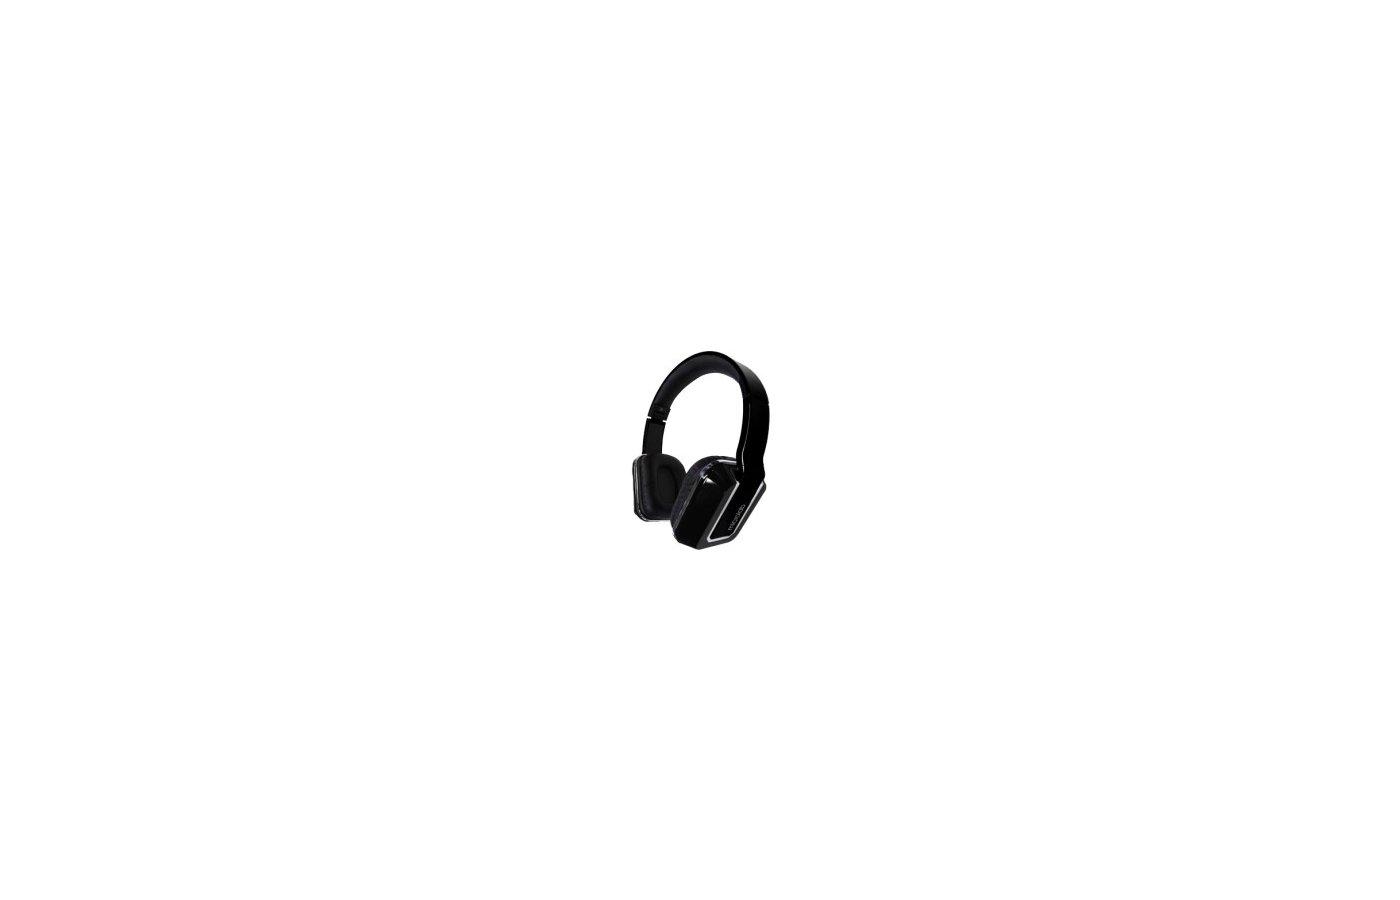 Наушники с микрофоном проводные MICROLAB K330 black 50mW 15Hz - 20KHz